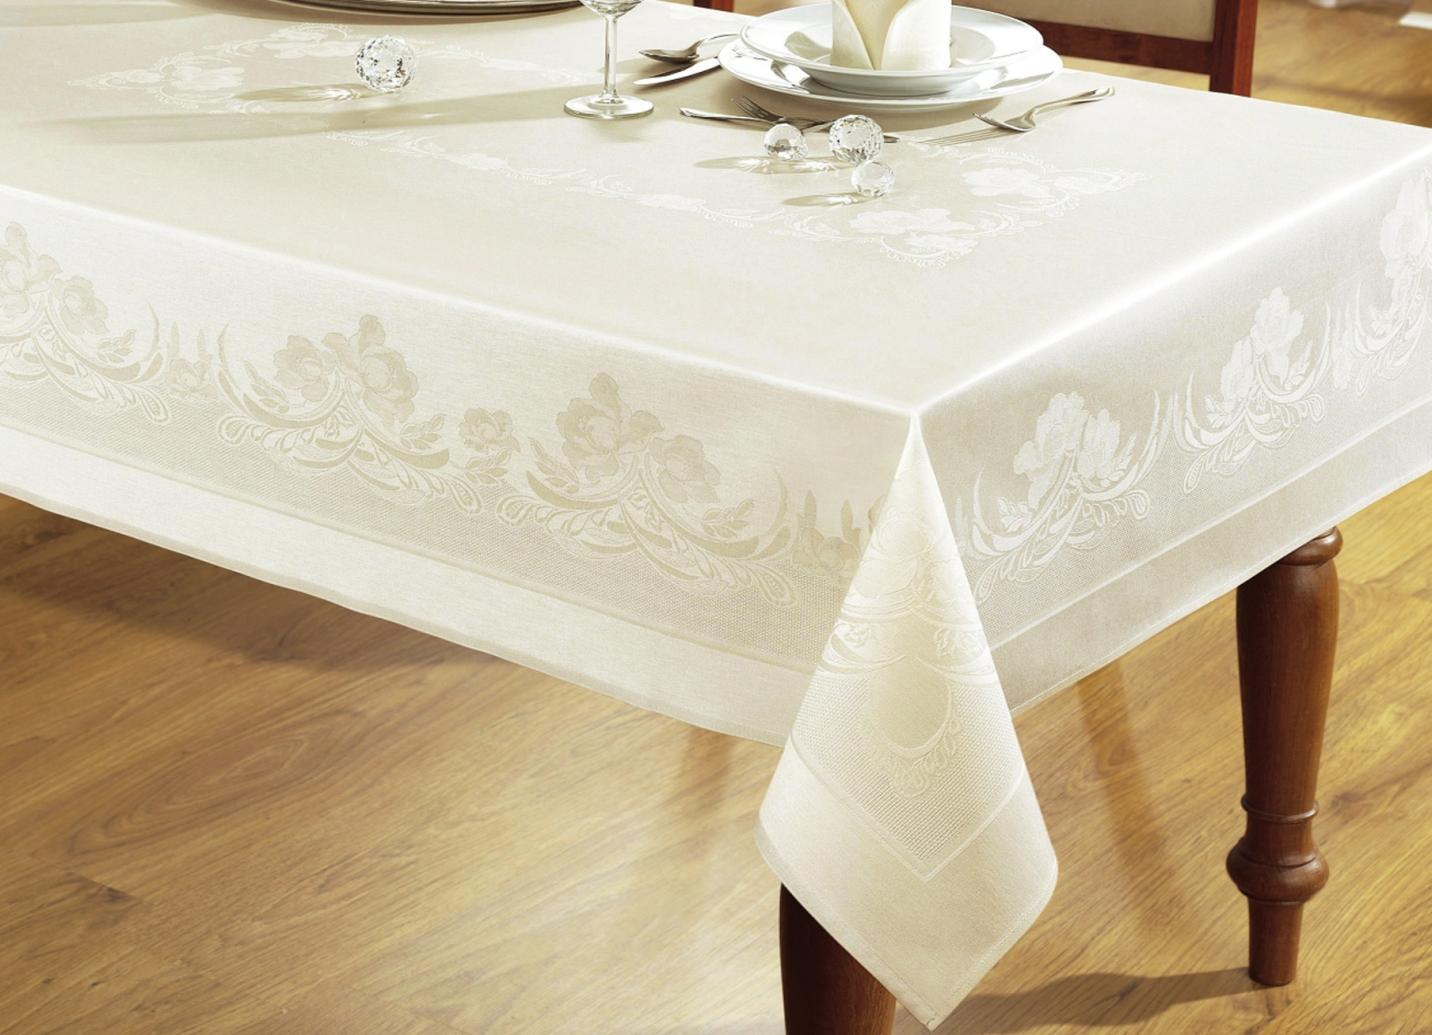 curt bauer damast tischdekoration ranken tischdecken brigitte hachenburg. Black Bedroom Furniture Sets. Home Design Ideas